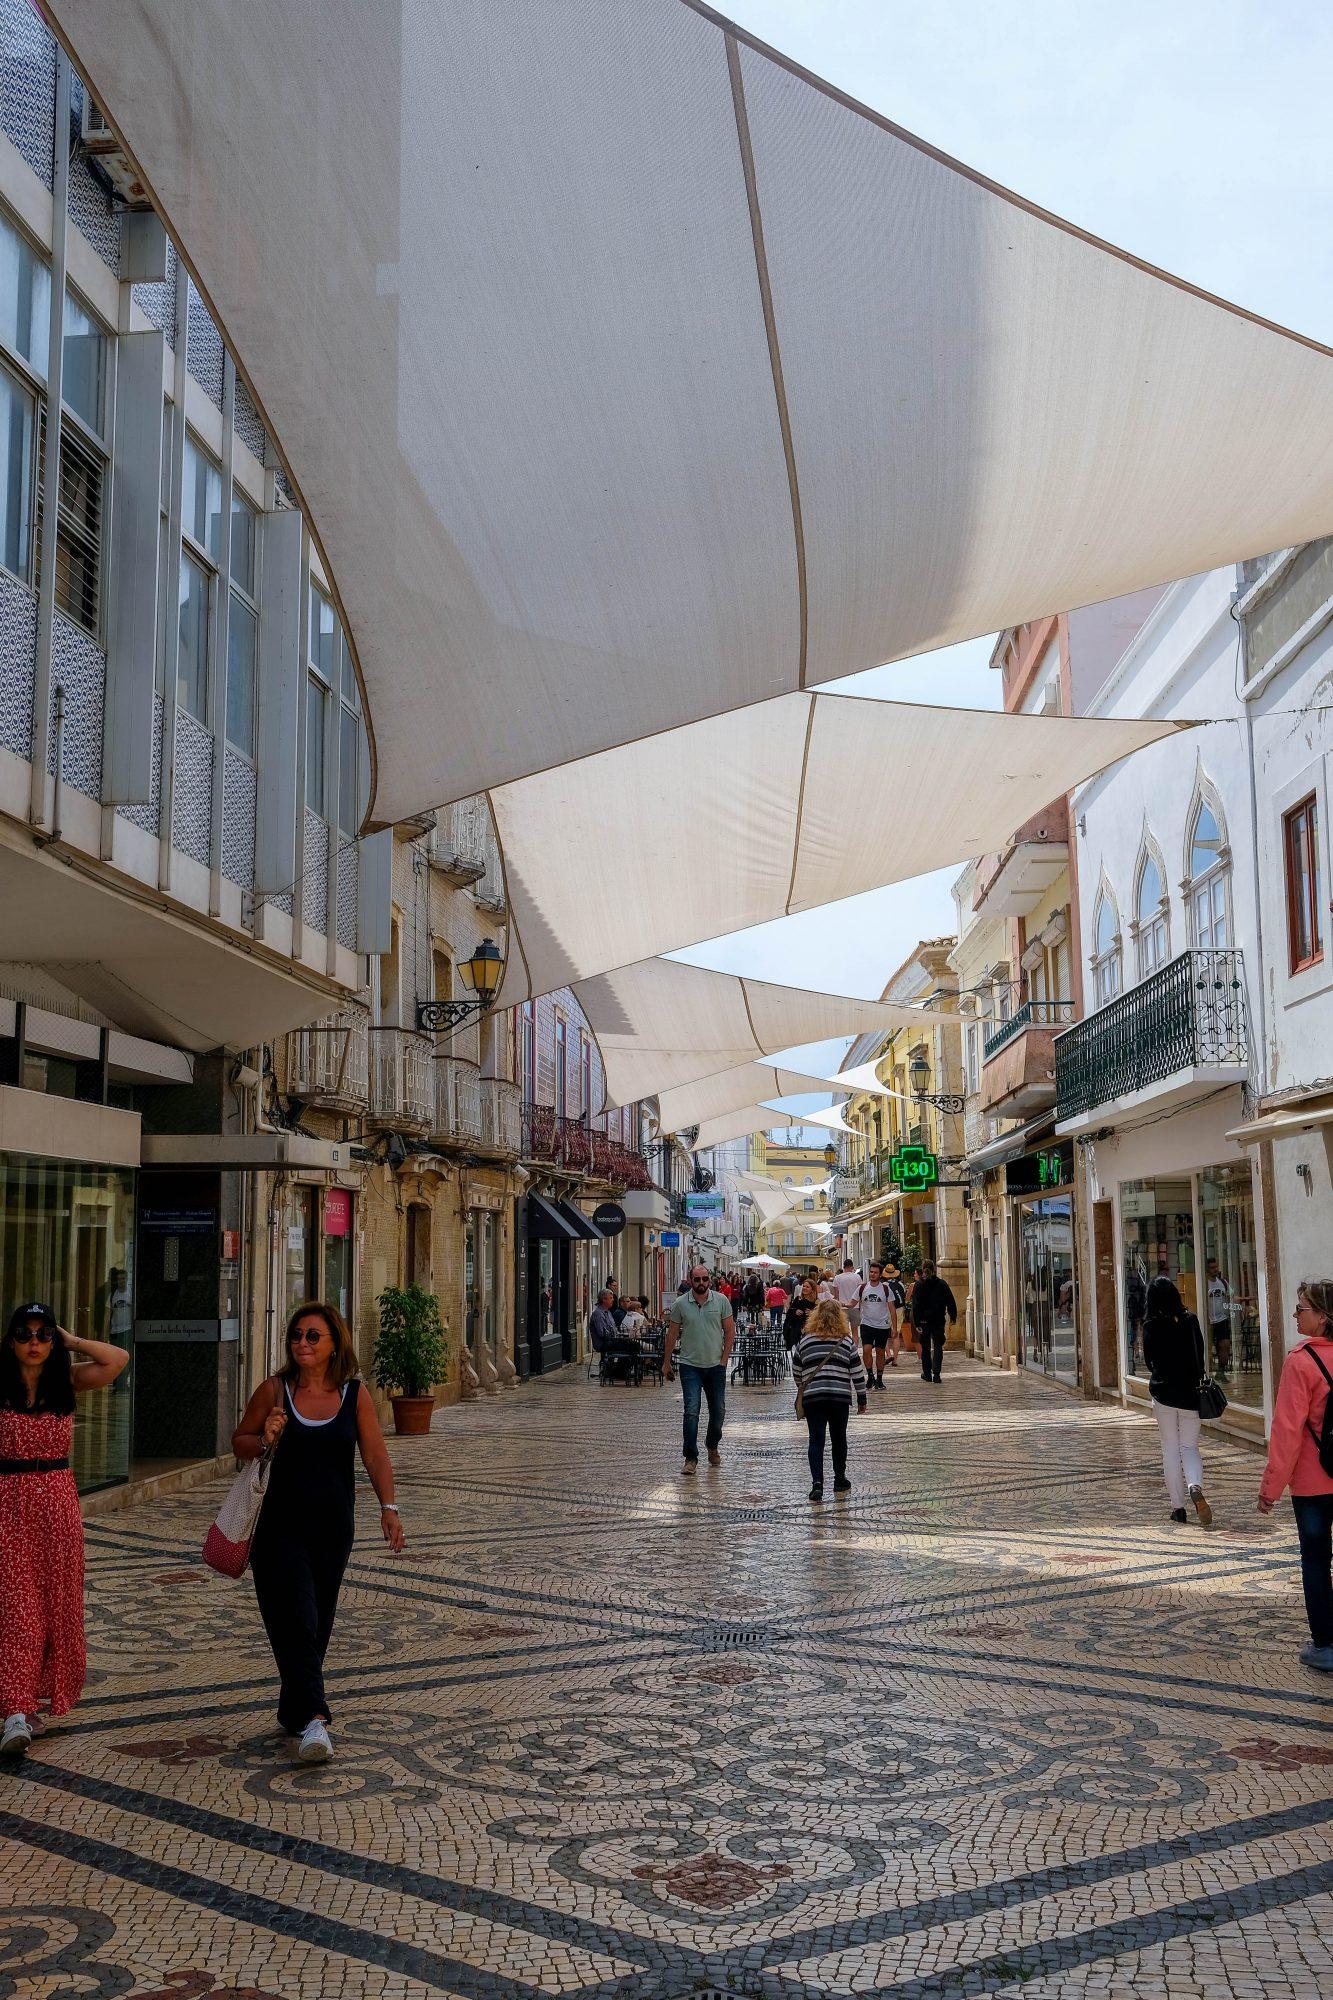 Rue principale de Faro - Faro, Portugal